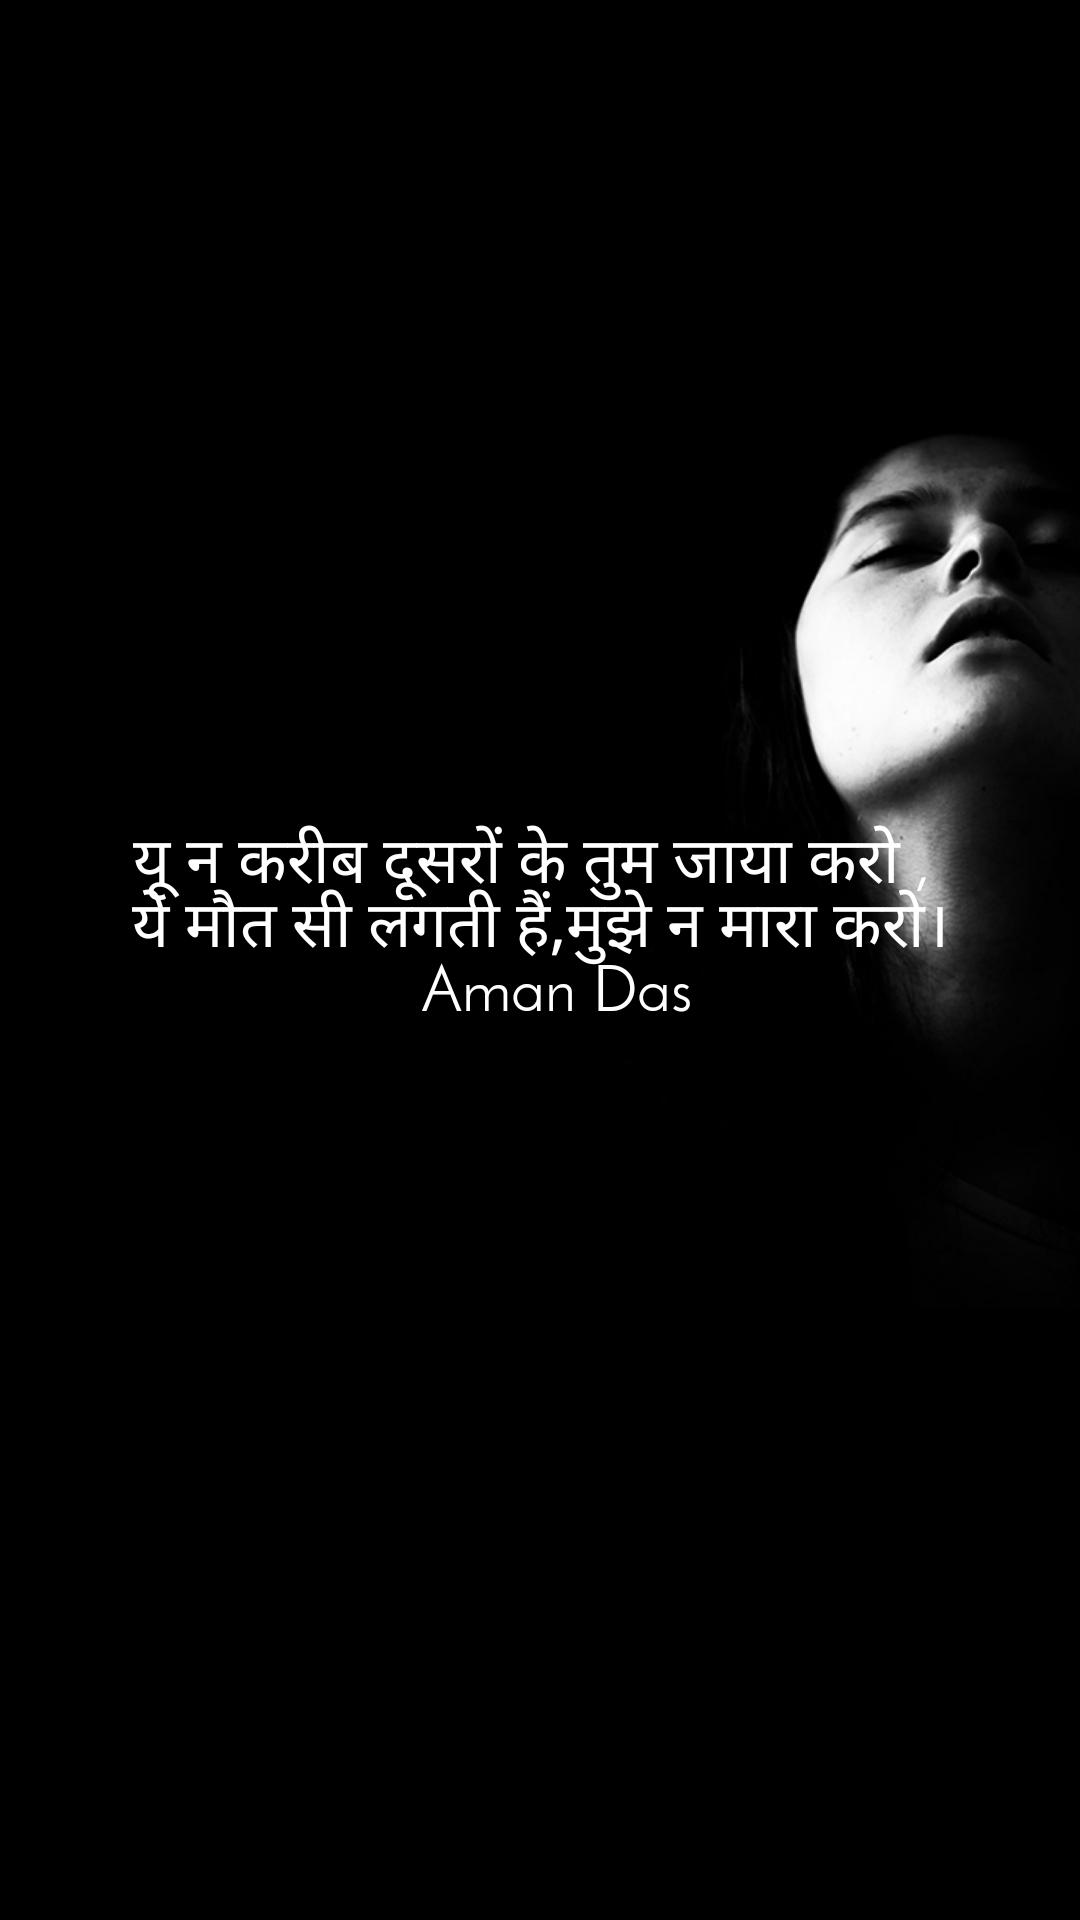 यू न करीब दूसरों के तुम जाया करो ,  ये मौत सी लगती हैं,मुझे न मारा करो।   Aman Das